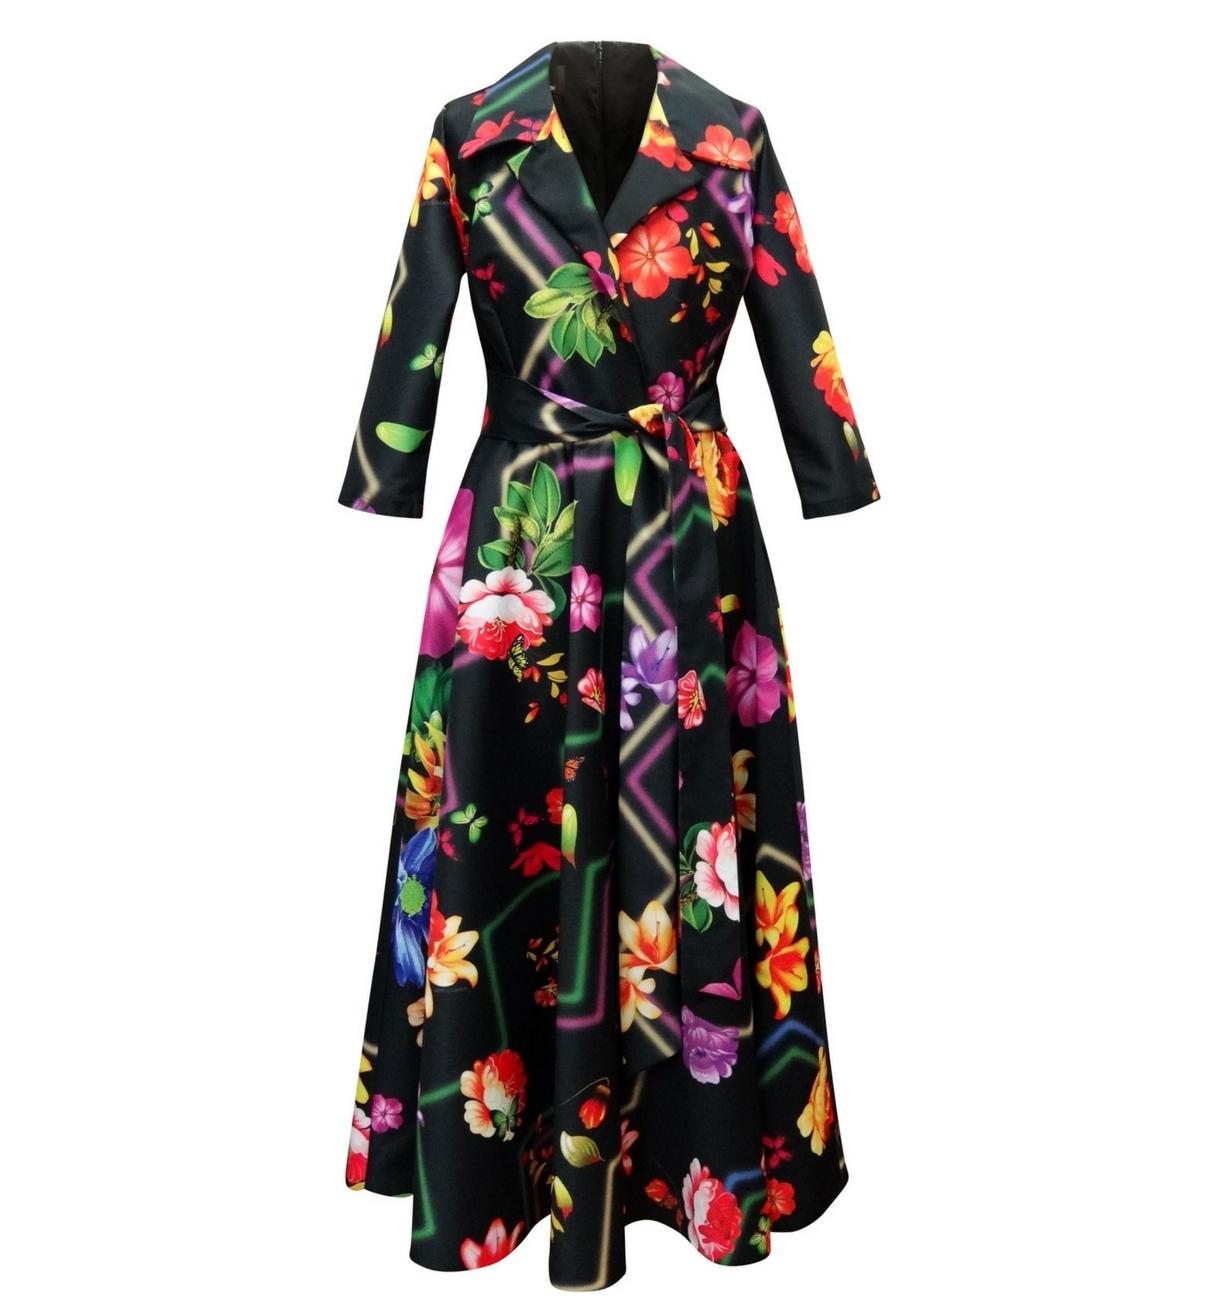 HIPPY GARDEN - FLORAL DRESS - LYNN